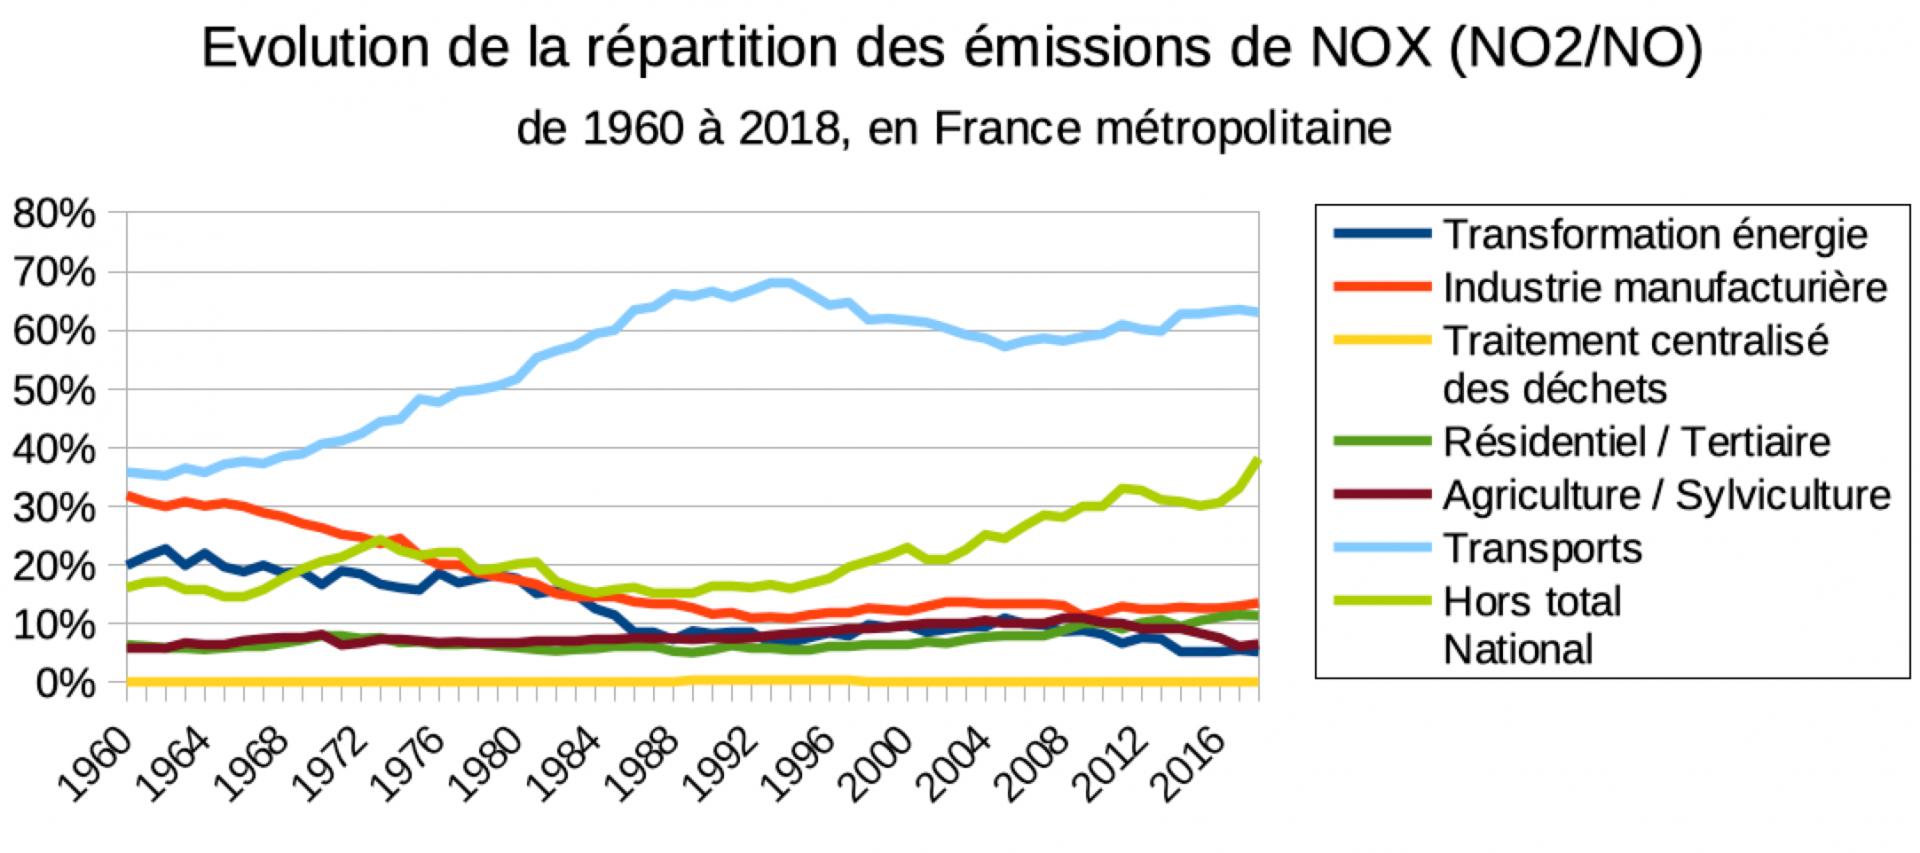 Evolution de la repartition des emission de nox